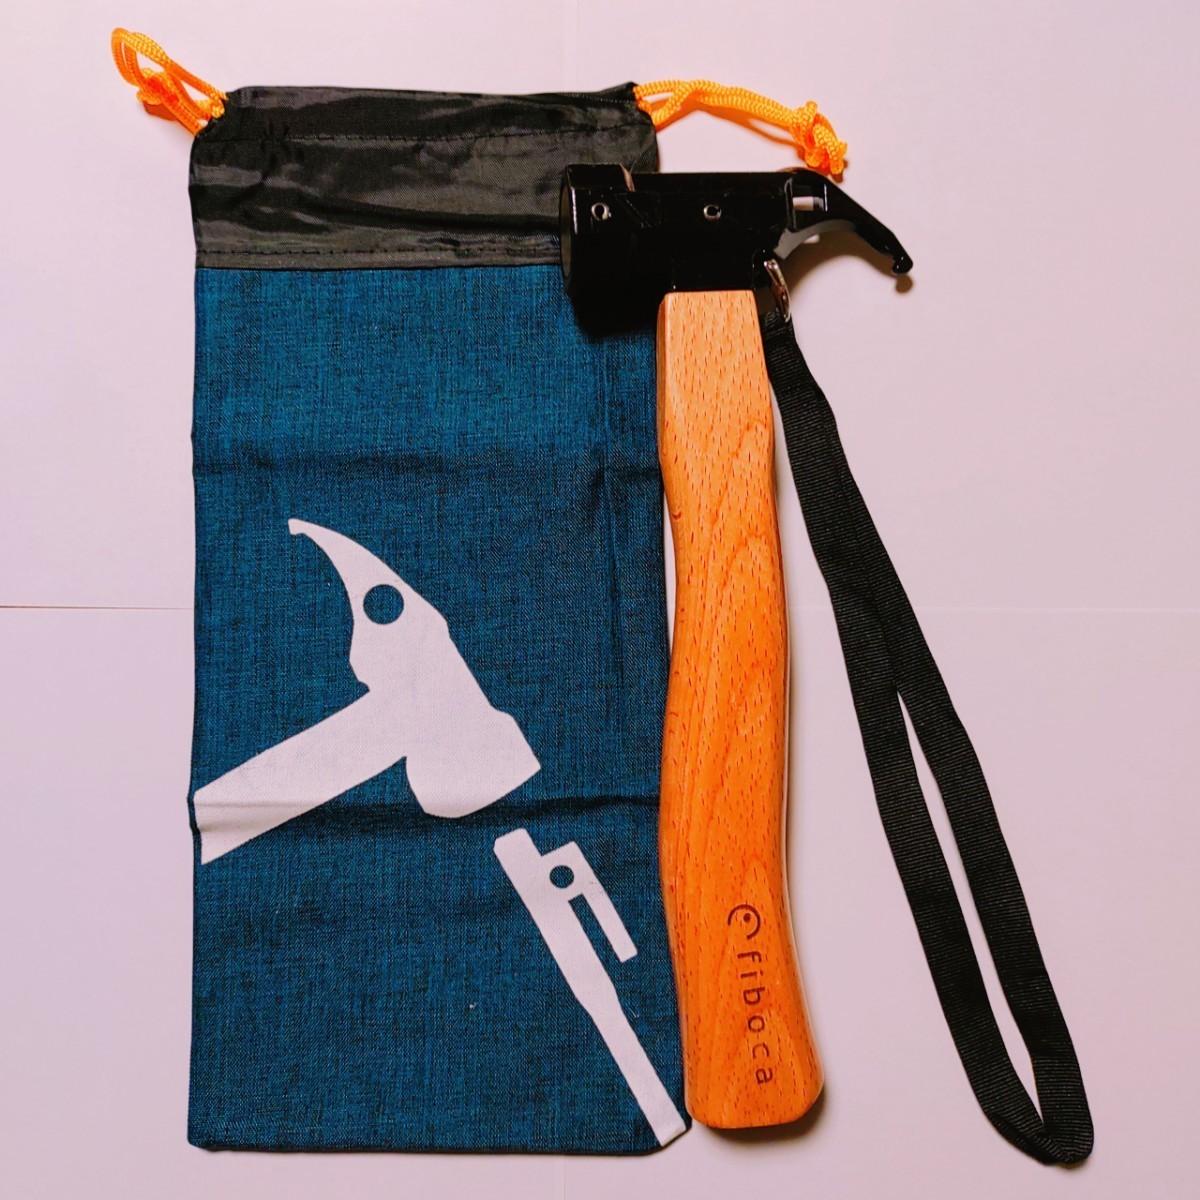 ペグハンマー アウトドア キャンプ テントハンマー 真鍮ヘッド 高品質収納袋